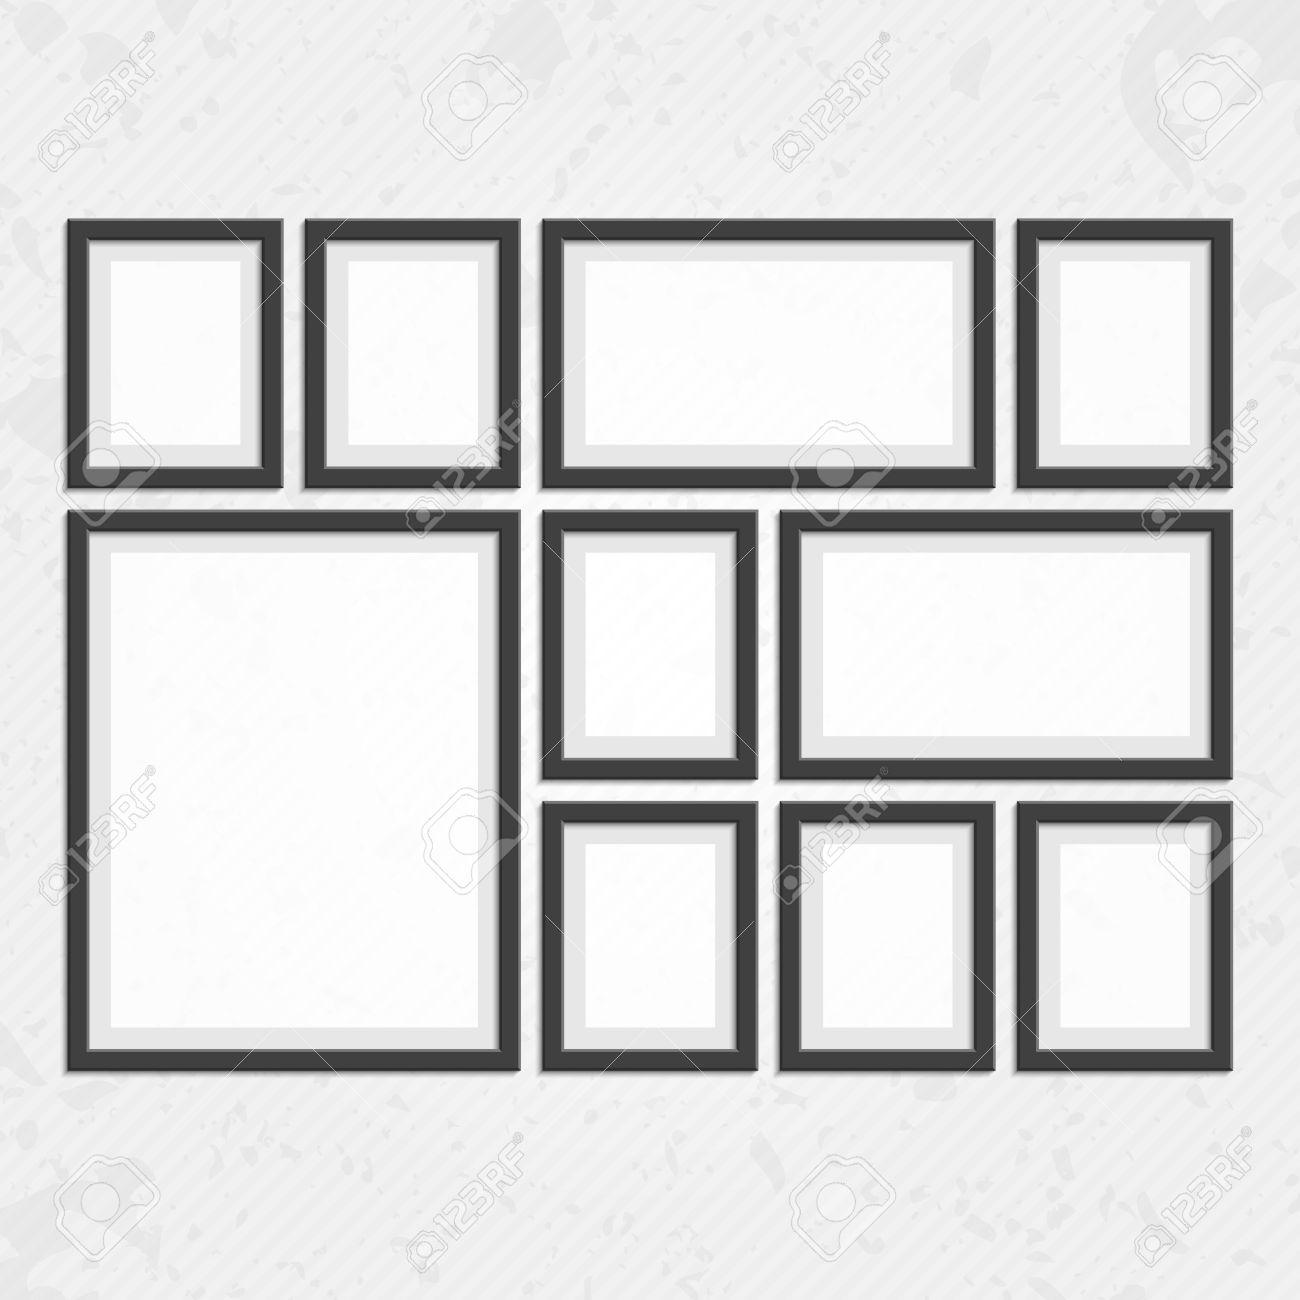 Sammlung Von Schwarzen Rahmen. Holz Quadrat Bilderrahmen Aus Dunklem ...